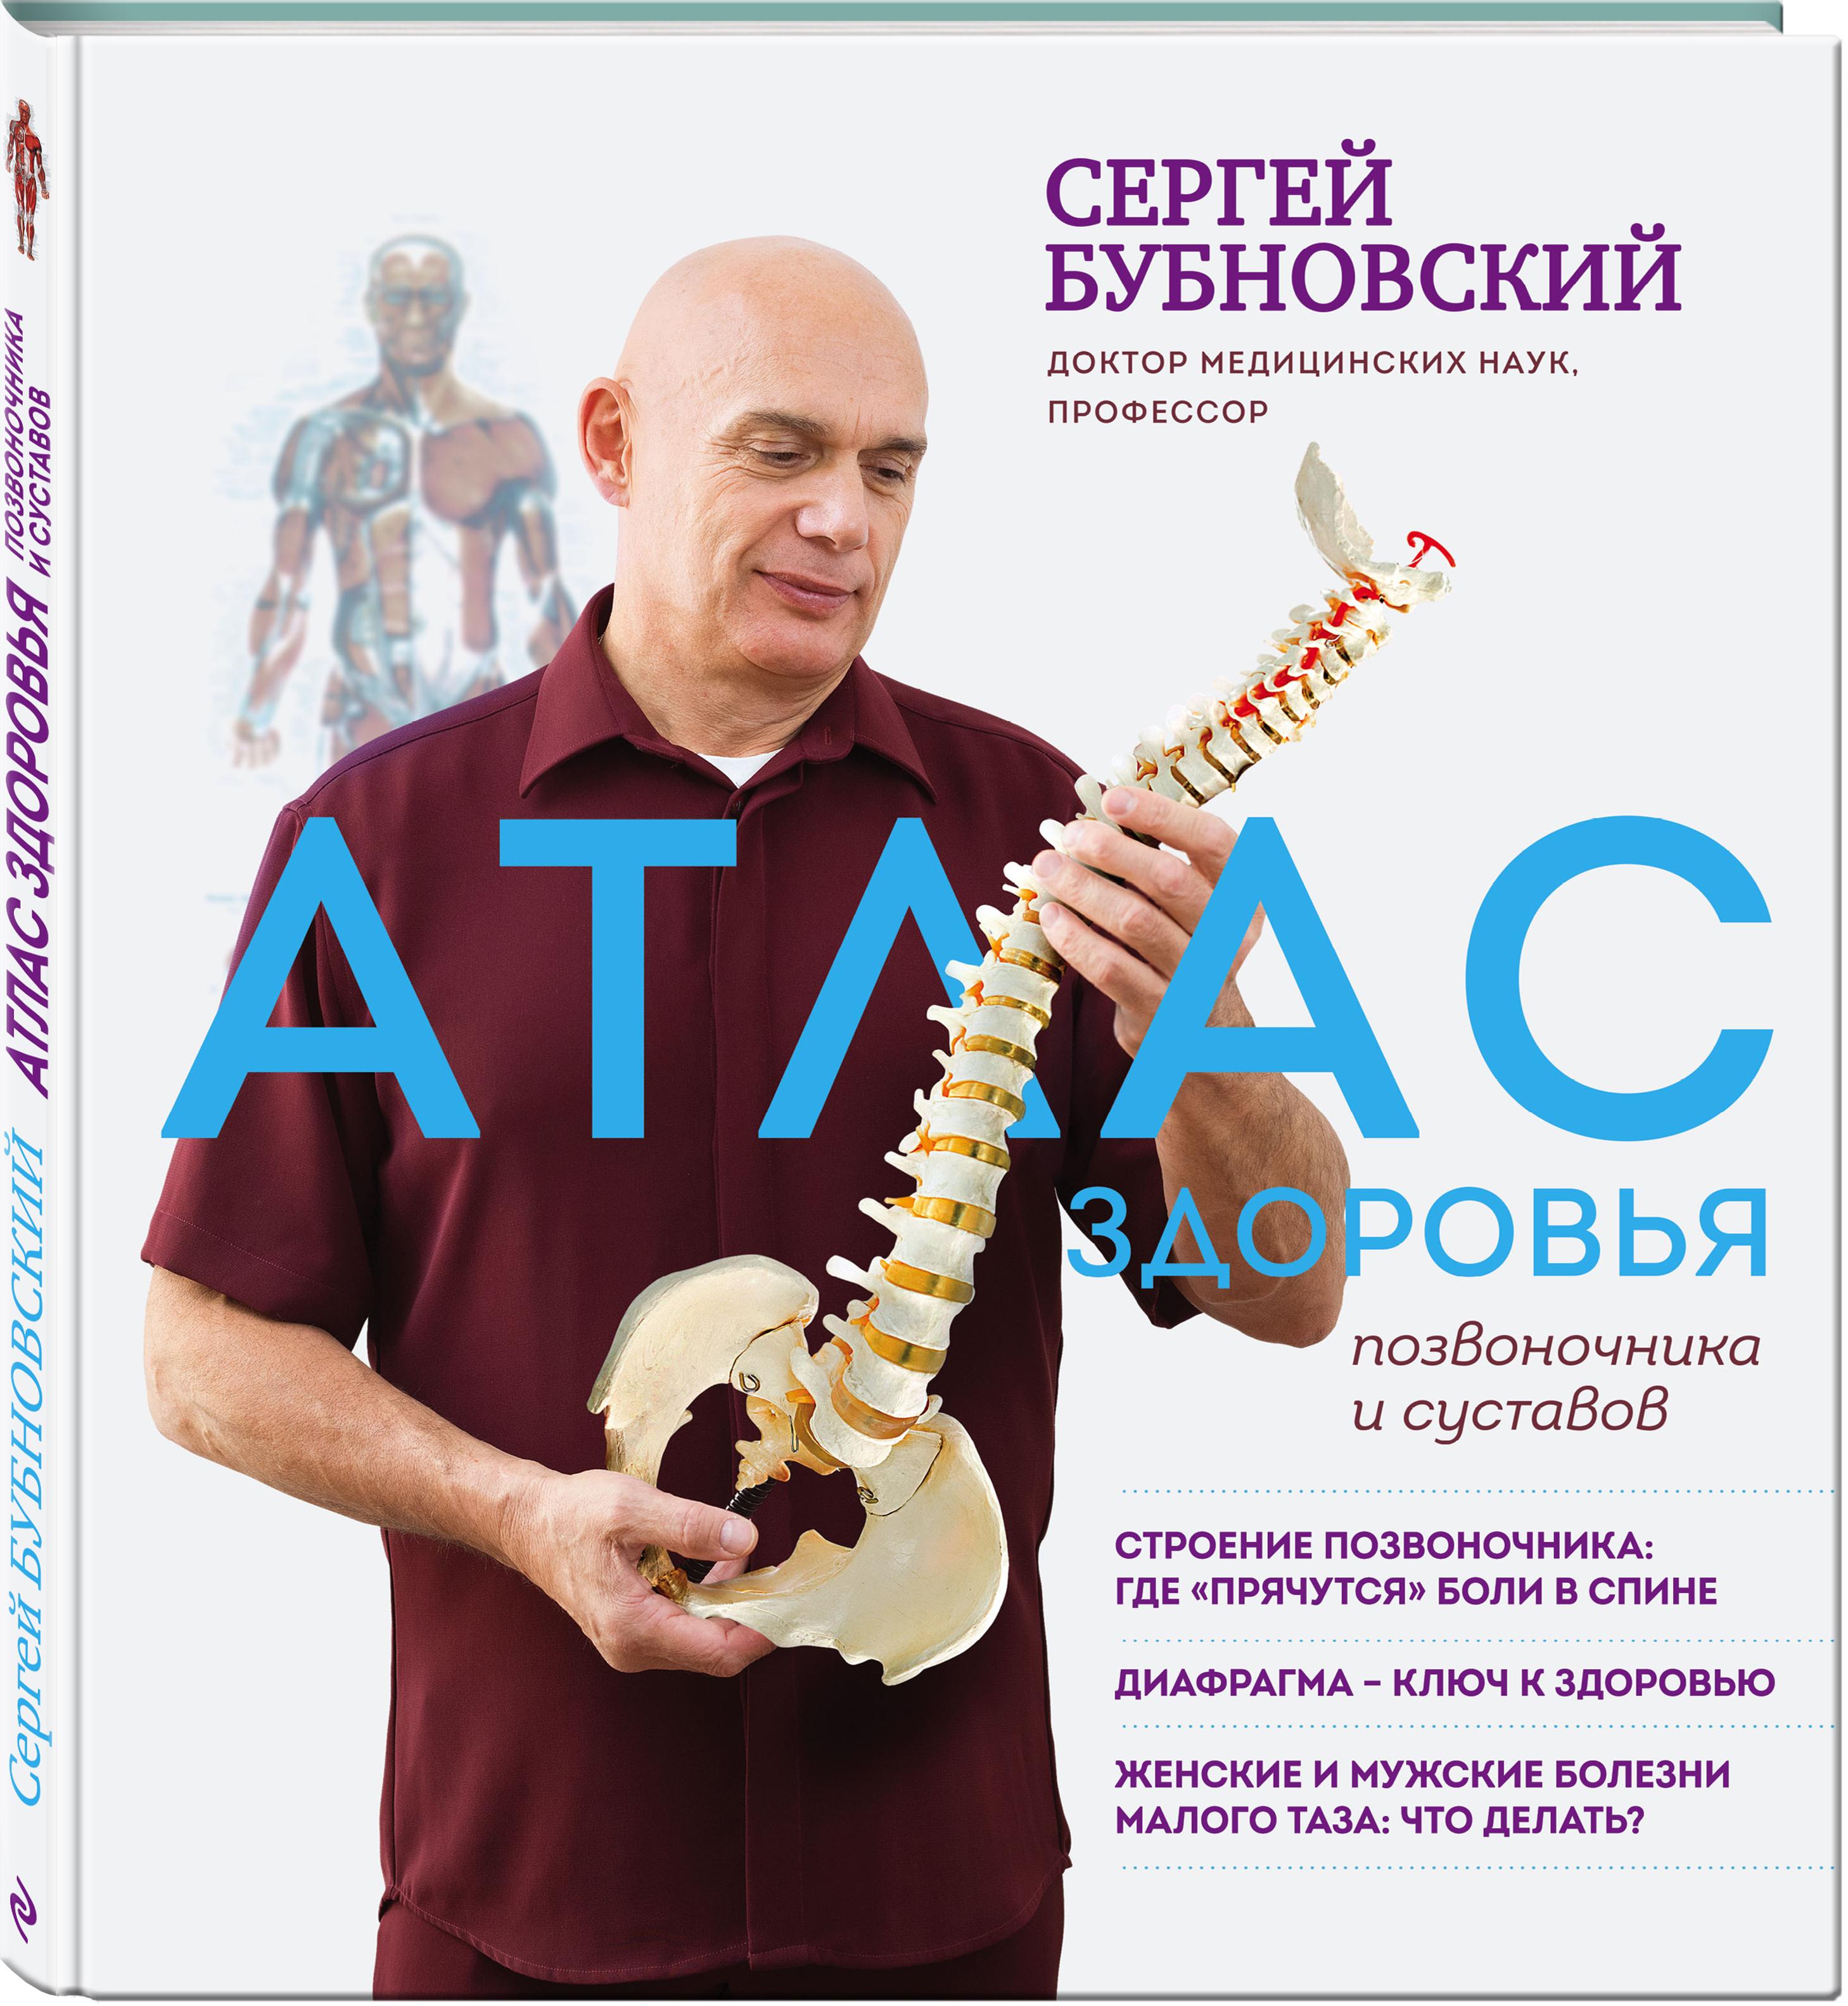 Атлас здоровья позвоночника и суставов.